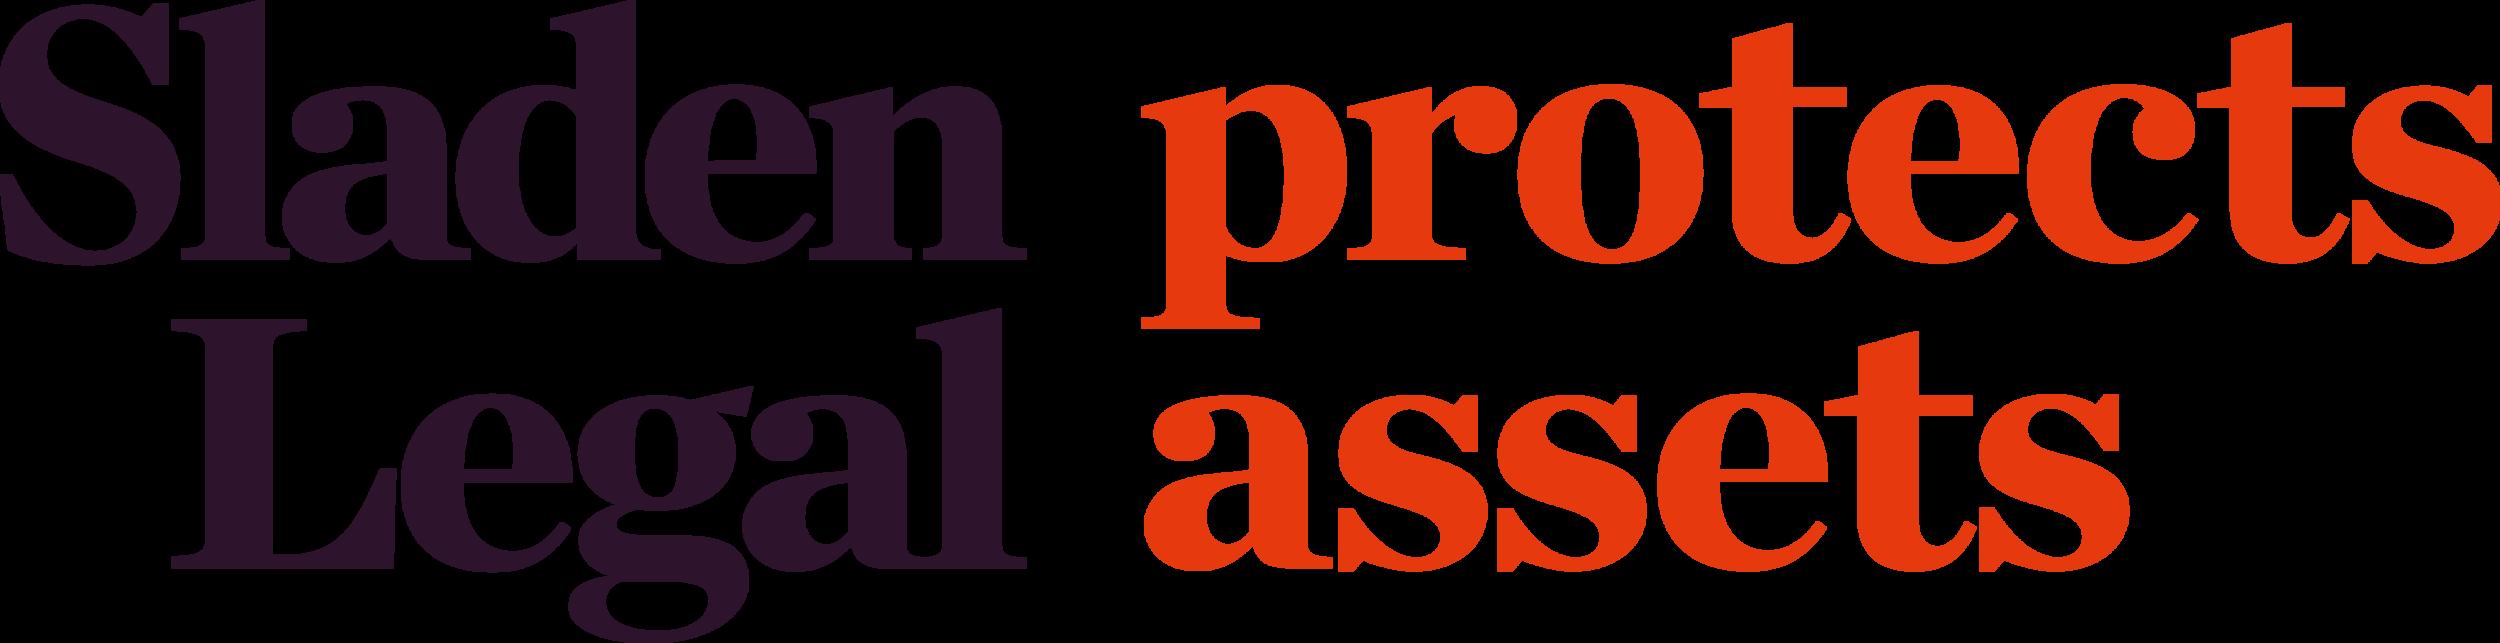 SladenLegal_ProtectsAssets.png